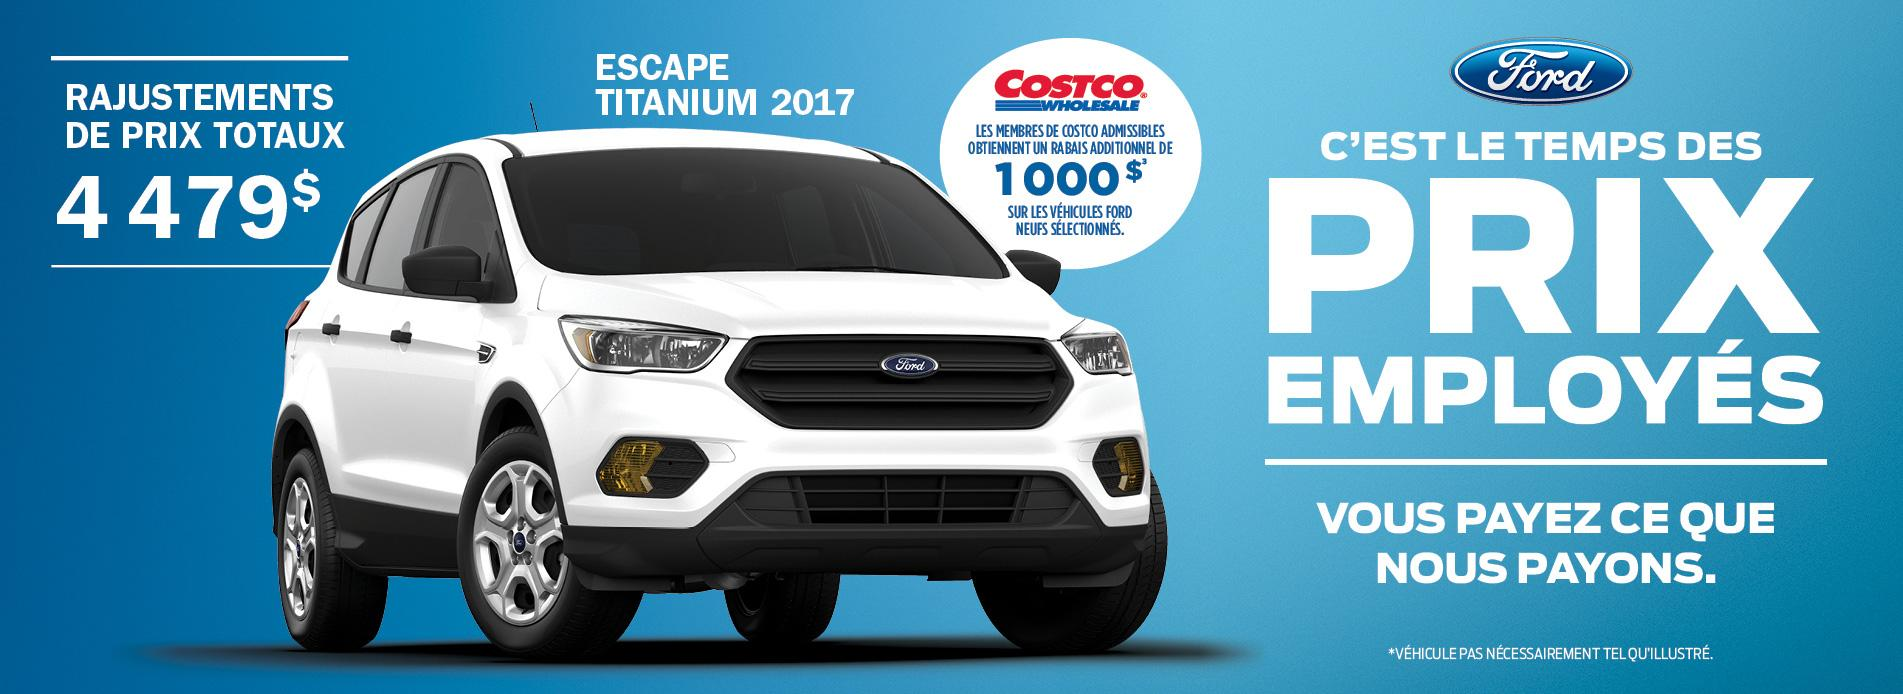 ford escape 2017 costco gatineau prix employe